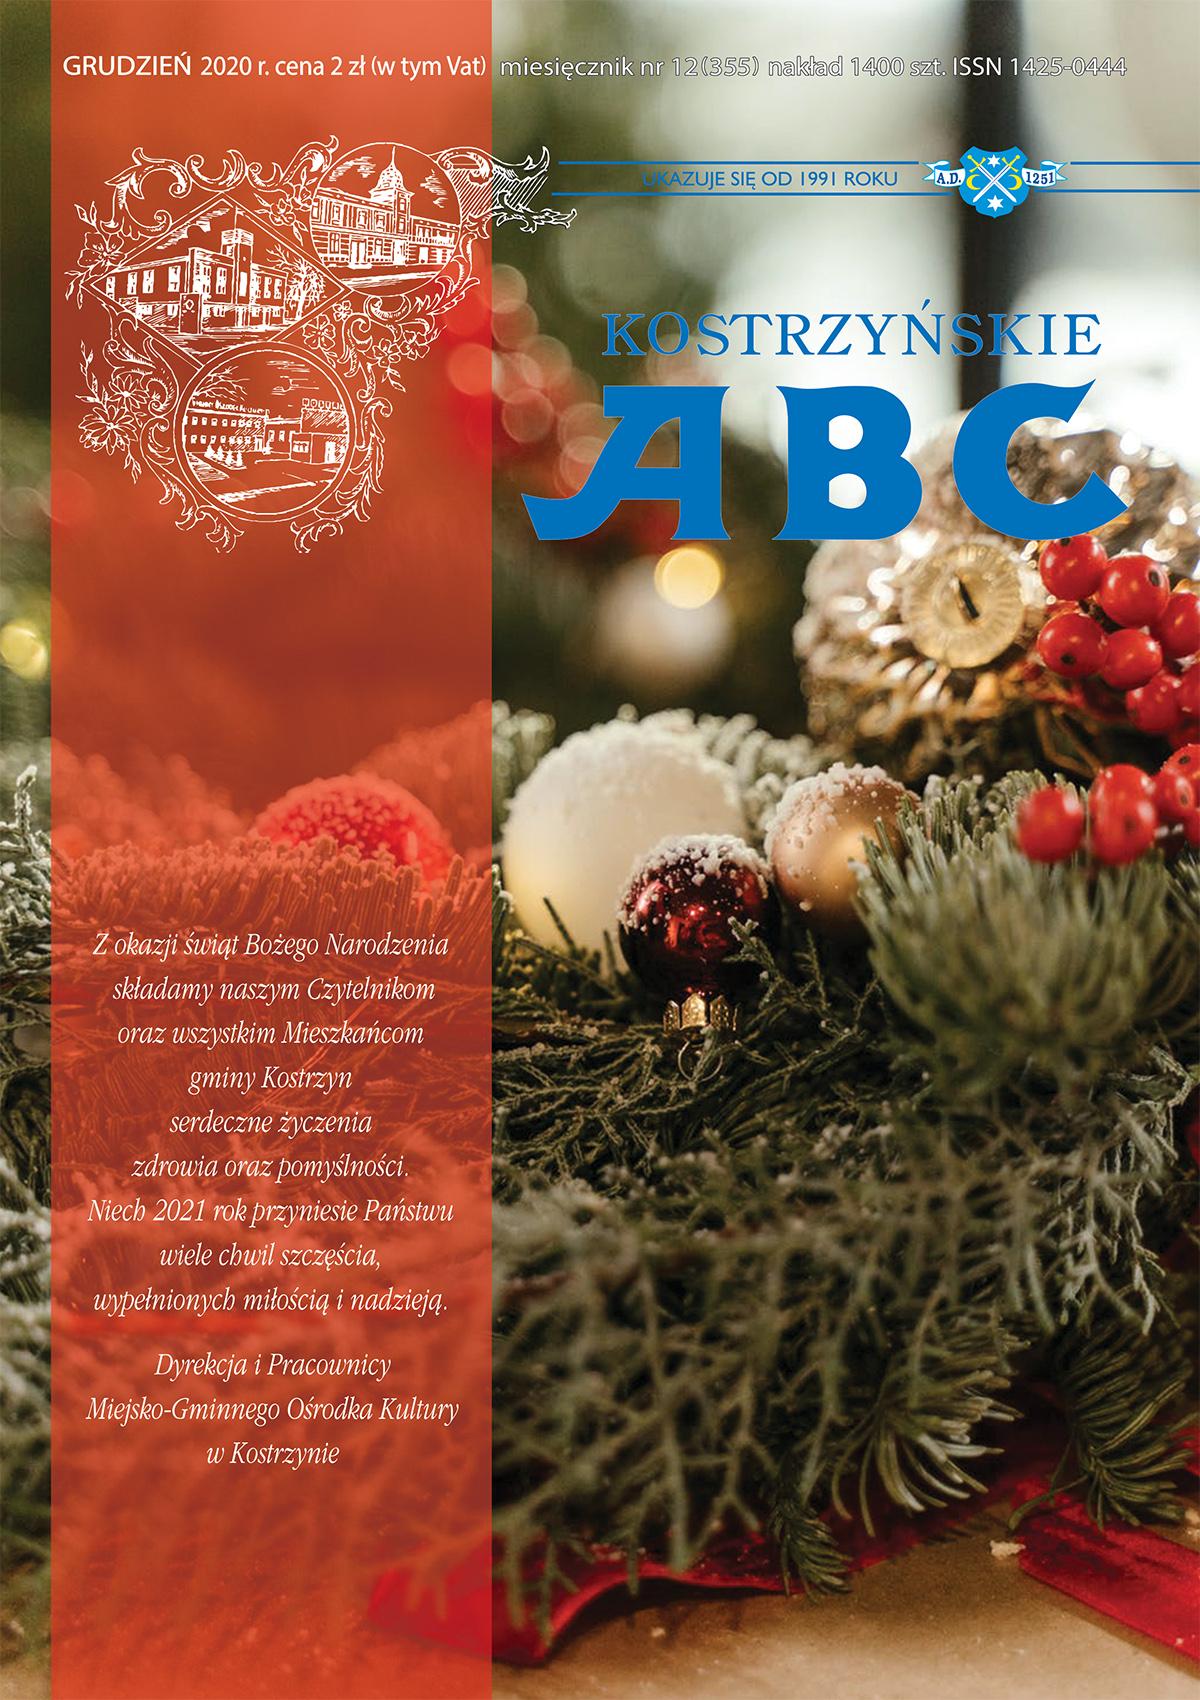 Okładka grudniowego wydania Kostrzyńskie Abc przedstawiająca fragment stroika i życzenia dla czytelników.